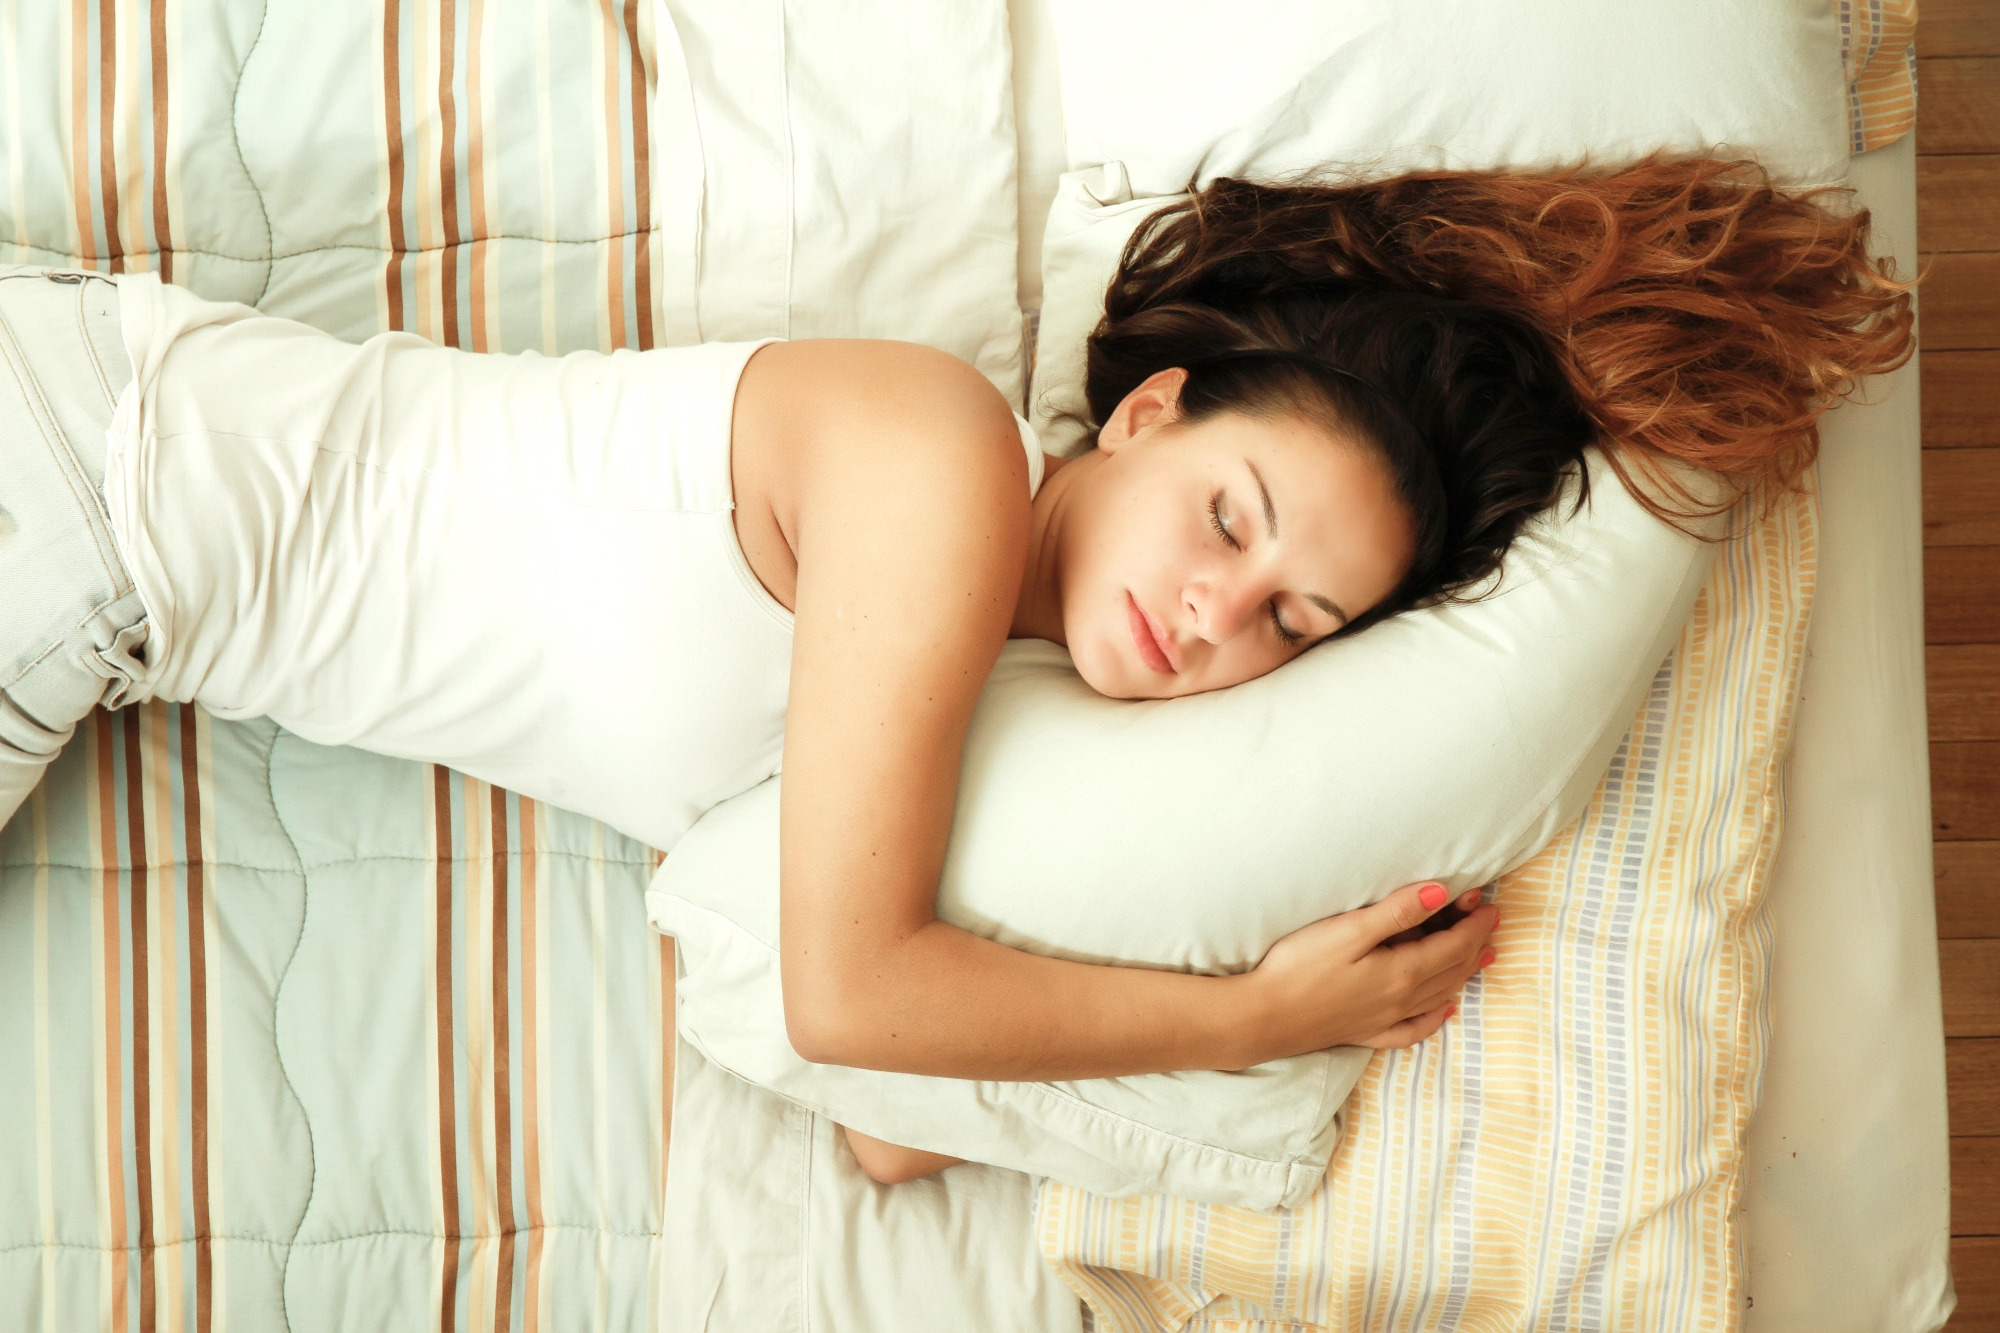 Обряды и заговоры на сон: от бессонницы у детей и взрослых, на вещее видение, чтобы увидеть суженого